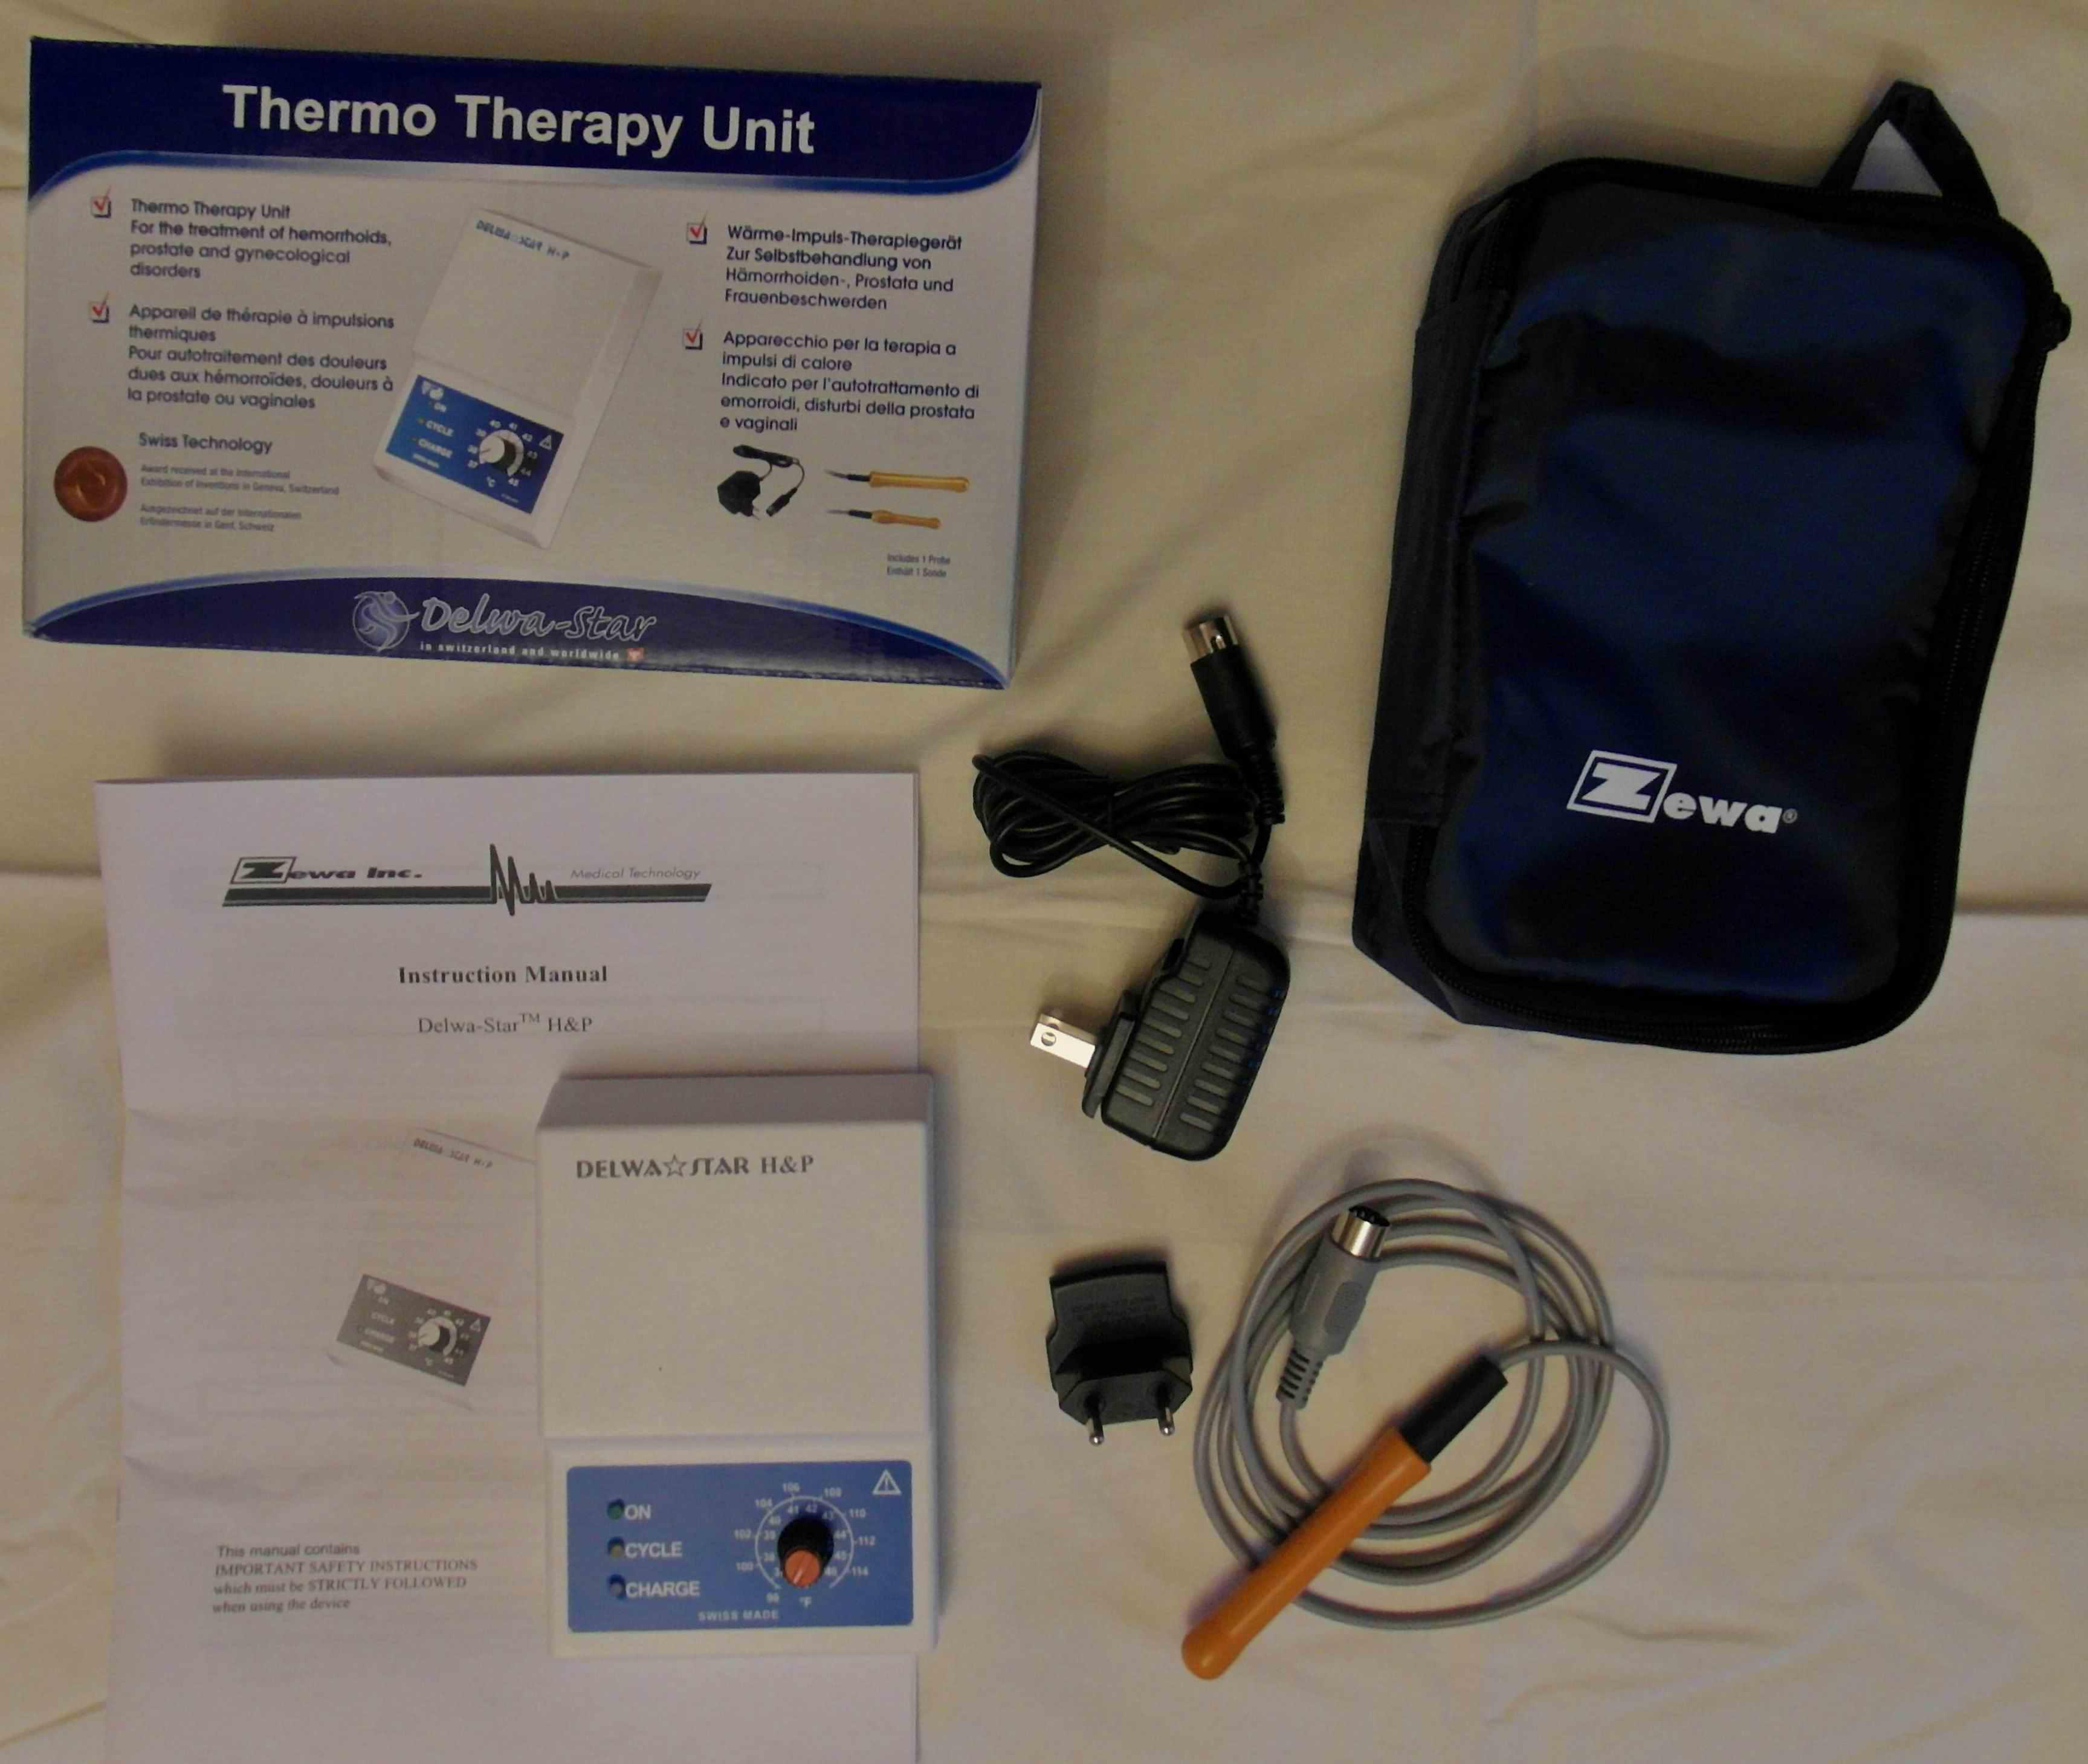 Застосування апарату для лікування аденоми в домашніх умовах